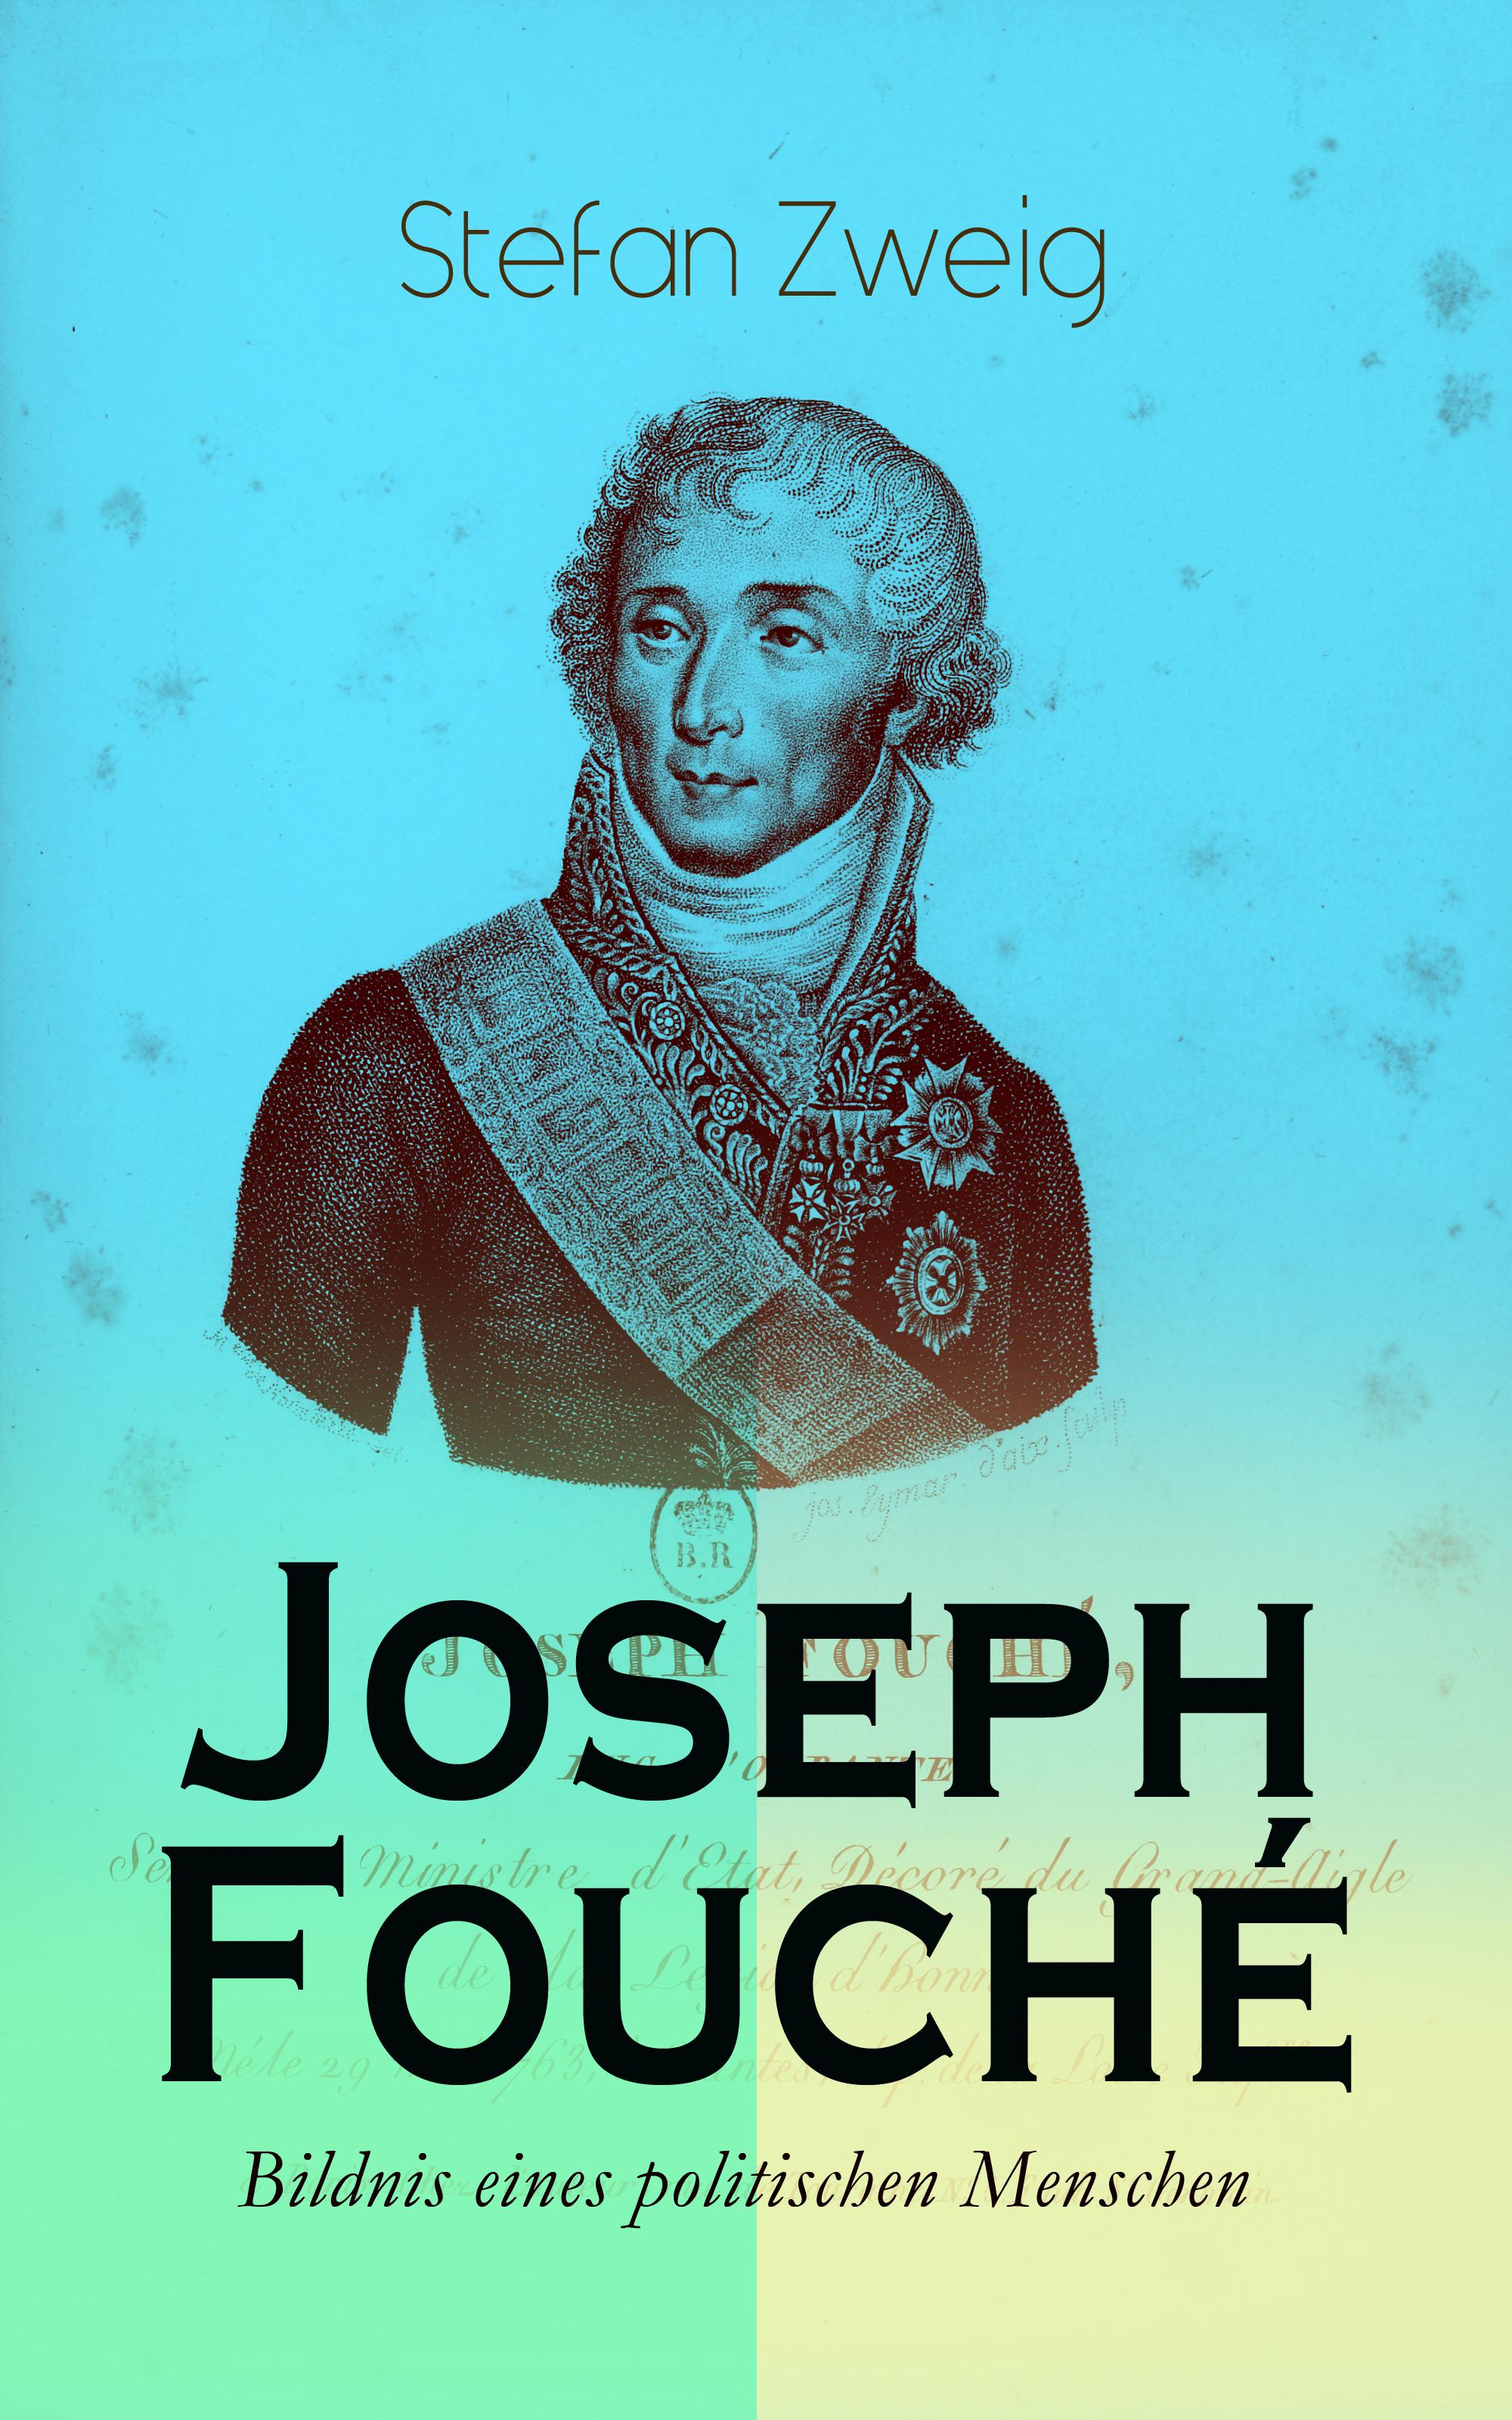 joseph fouche bildnis eines politischen menschen